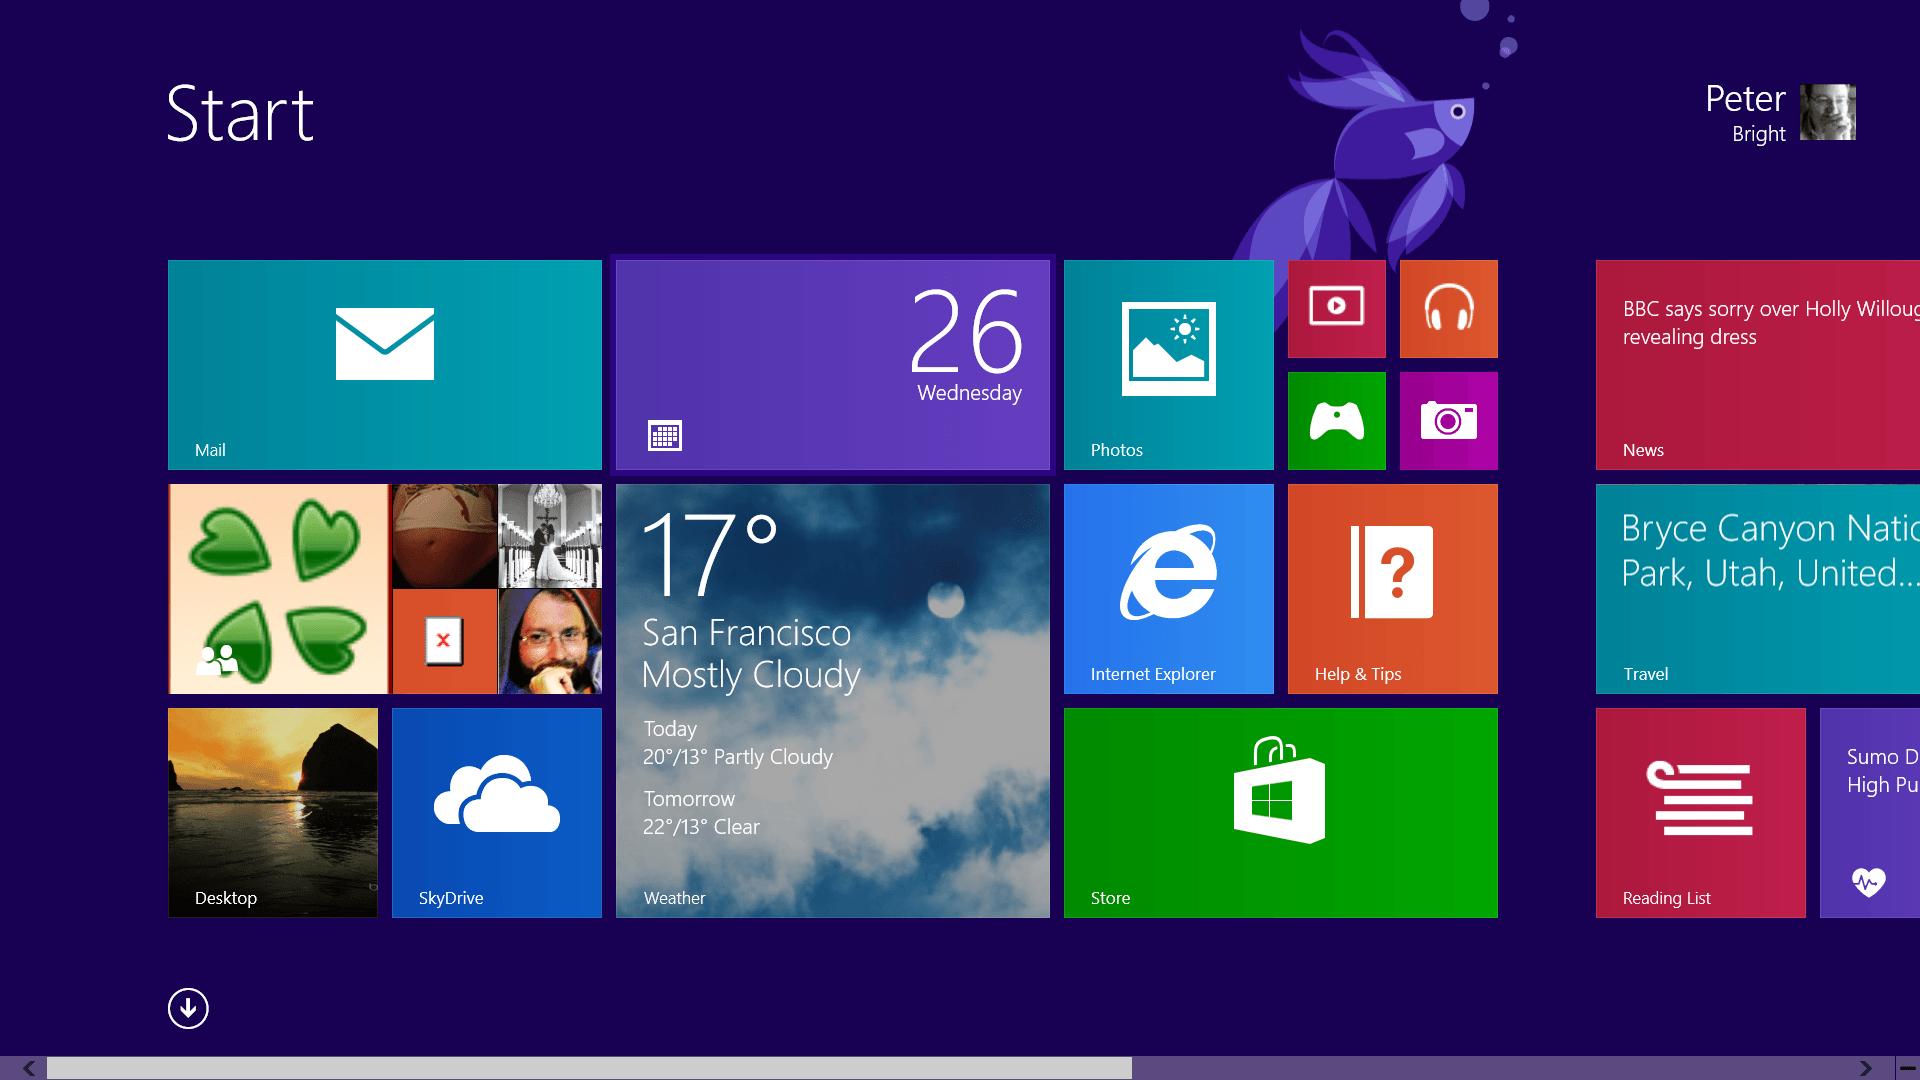 Как получить доступ к Стартовому экрану Windows 8 с рабочего стола